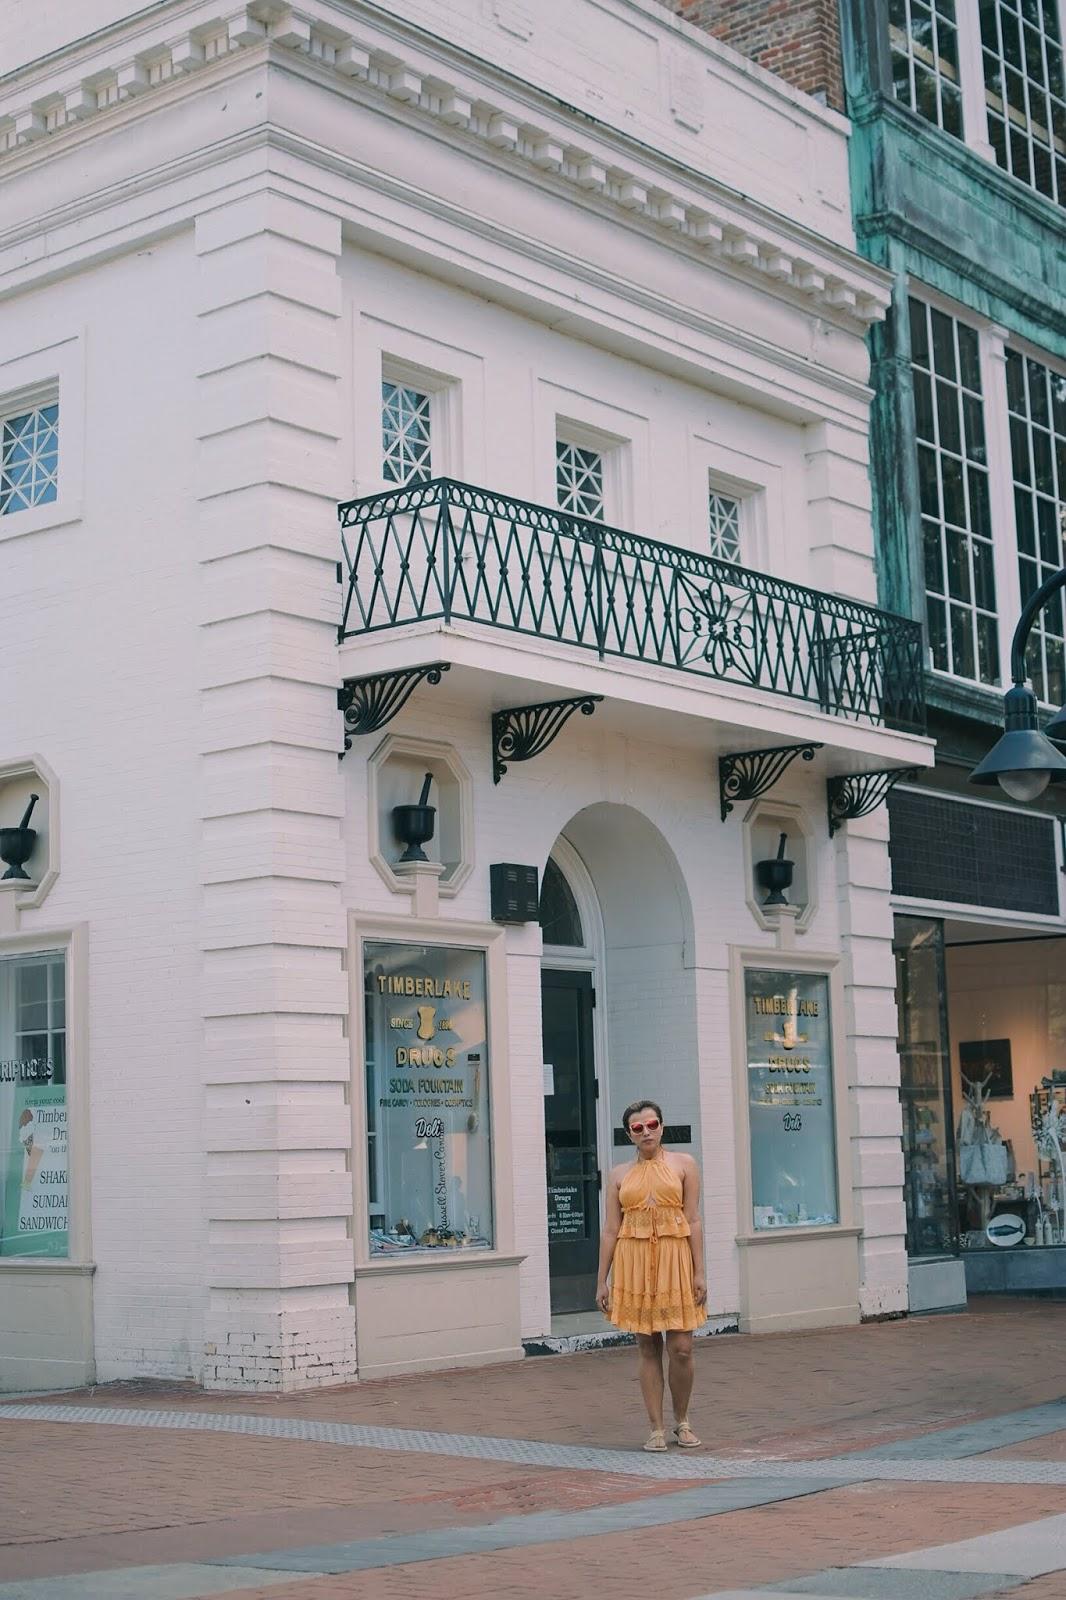 Verano en Amarillo - mariestilo-lookoftheday-fashionblogger-streetstyle-verano-charlottesville-virginiaisforlovers-travelblog-